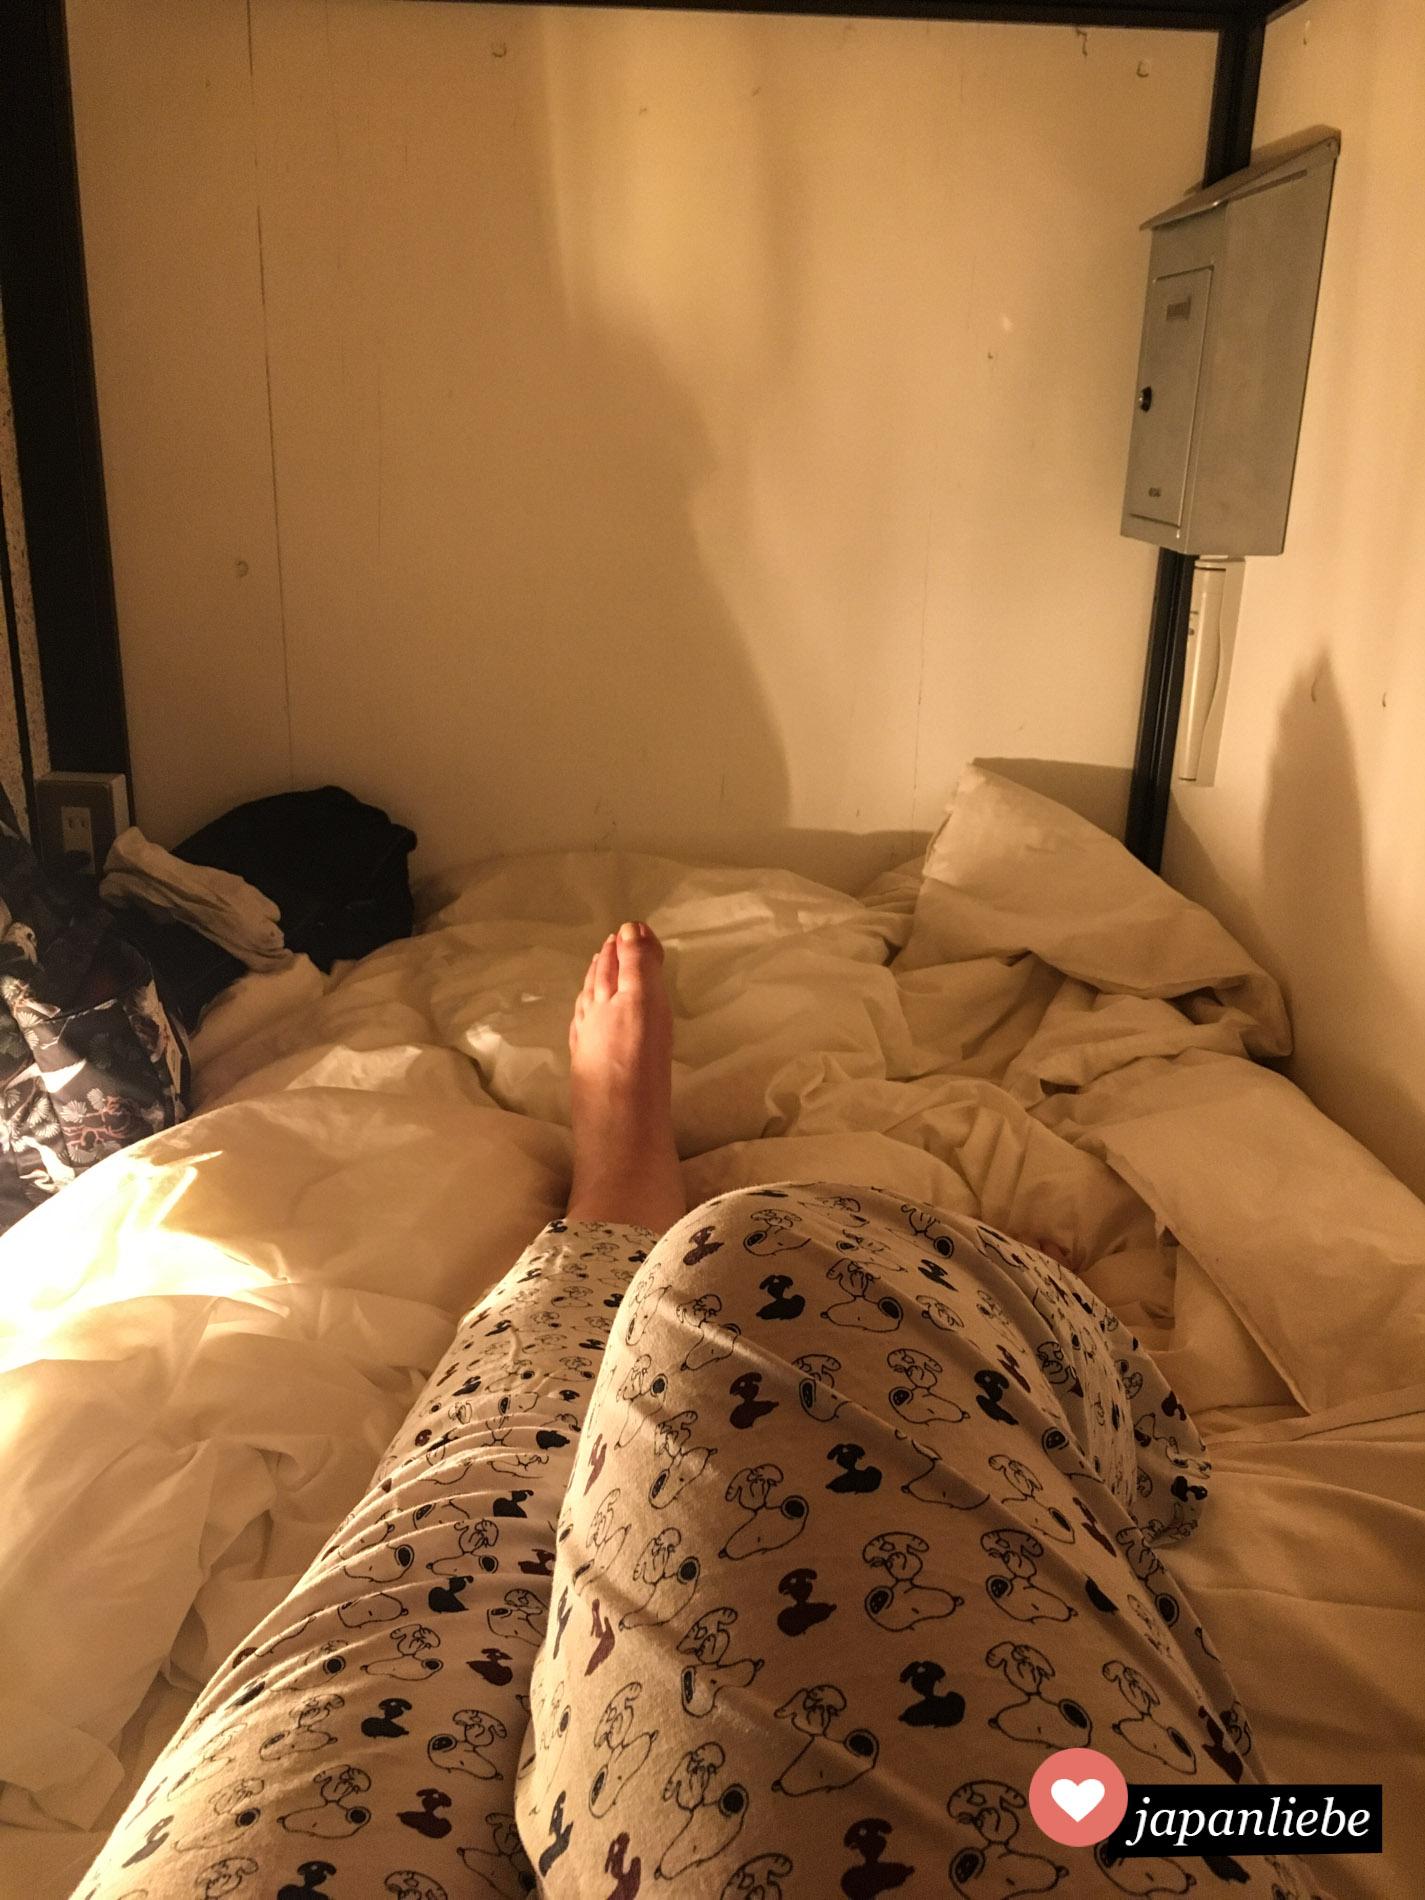 Vier Nächte wenig Schlaf in meinem Bücherregal. Dafür umso mehr Swag und Harry Potter-Feeling.